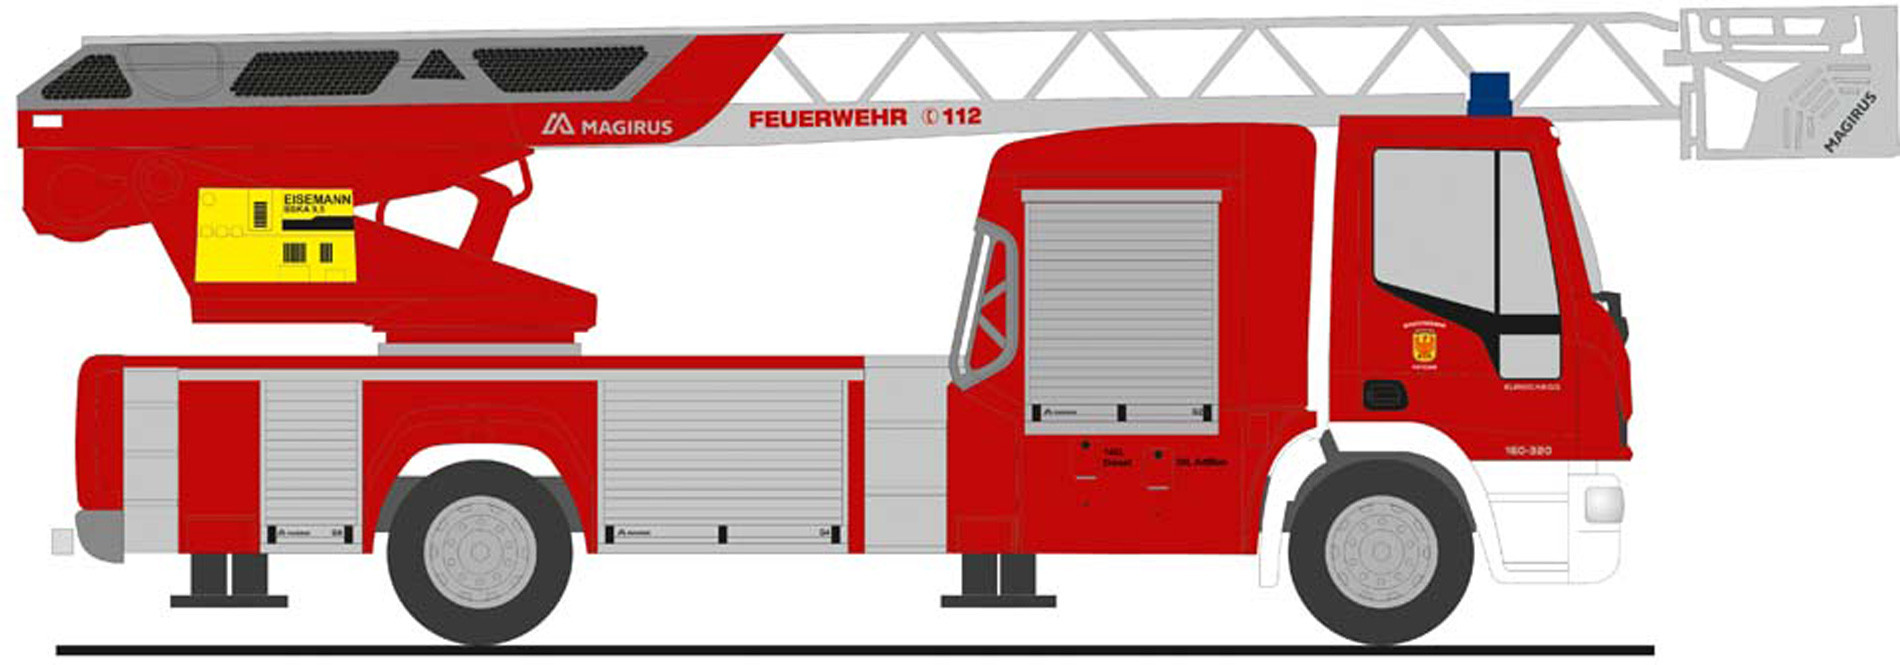 """Rietze IVECO DLK L32 `18 """" Feuerwehr Potsdam """", NH Herbst 2020,(Vorbestellung / Modell noch nicht lieferbar !!!)"""